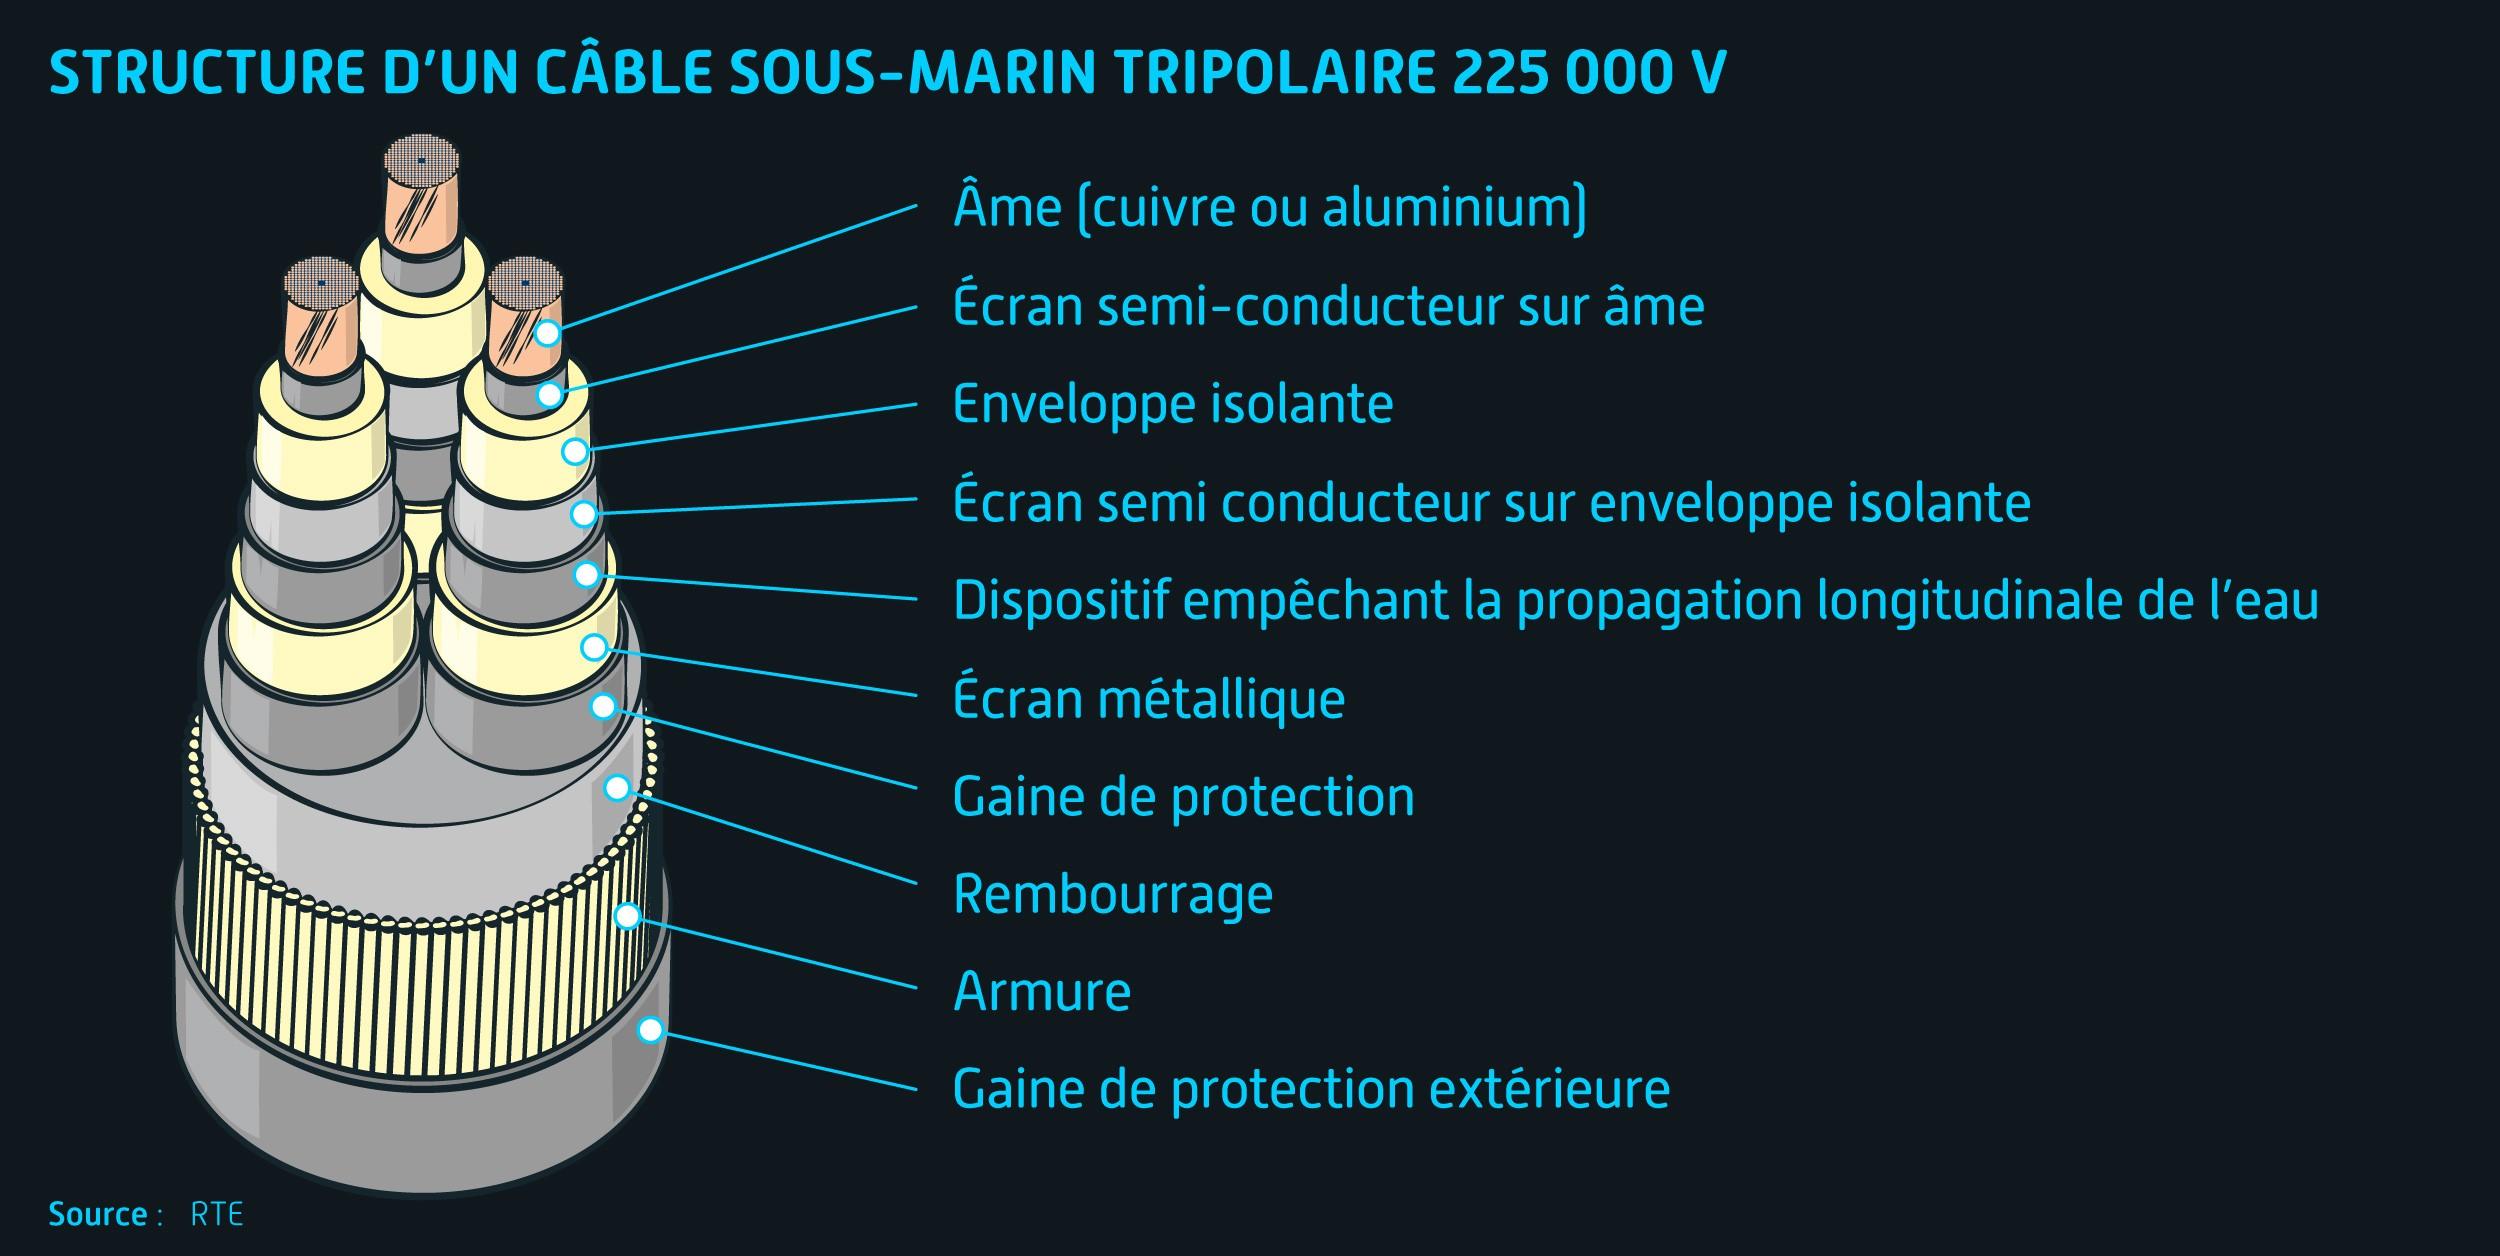 Structure du câble sous-marin - Projet Dunkerque